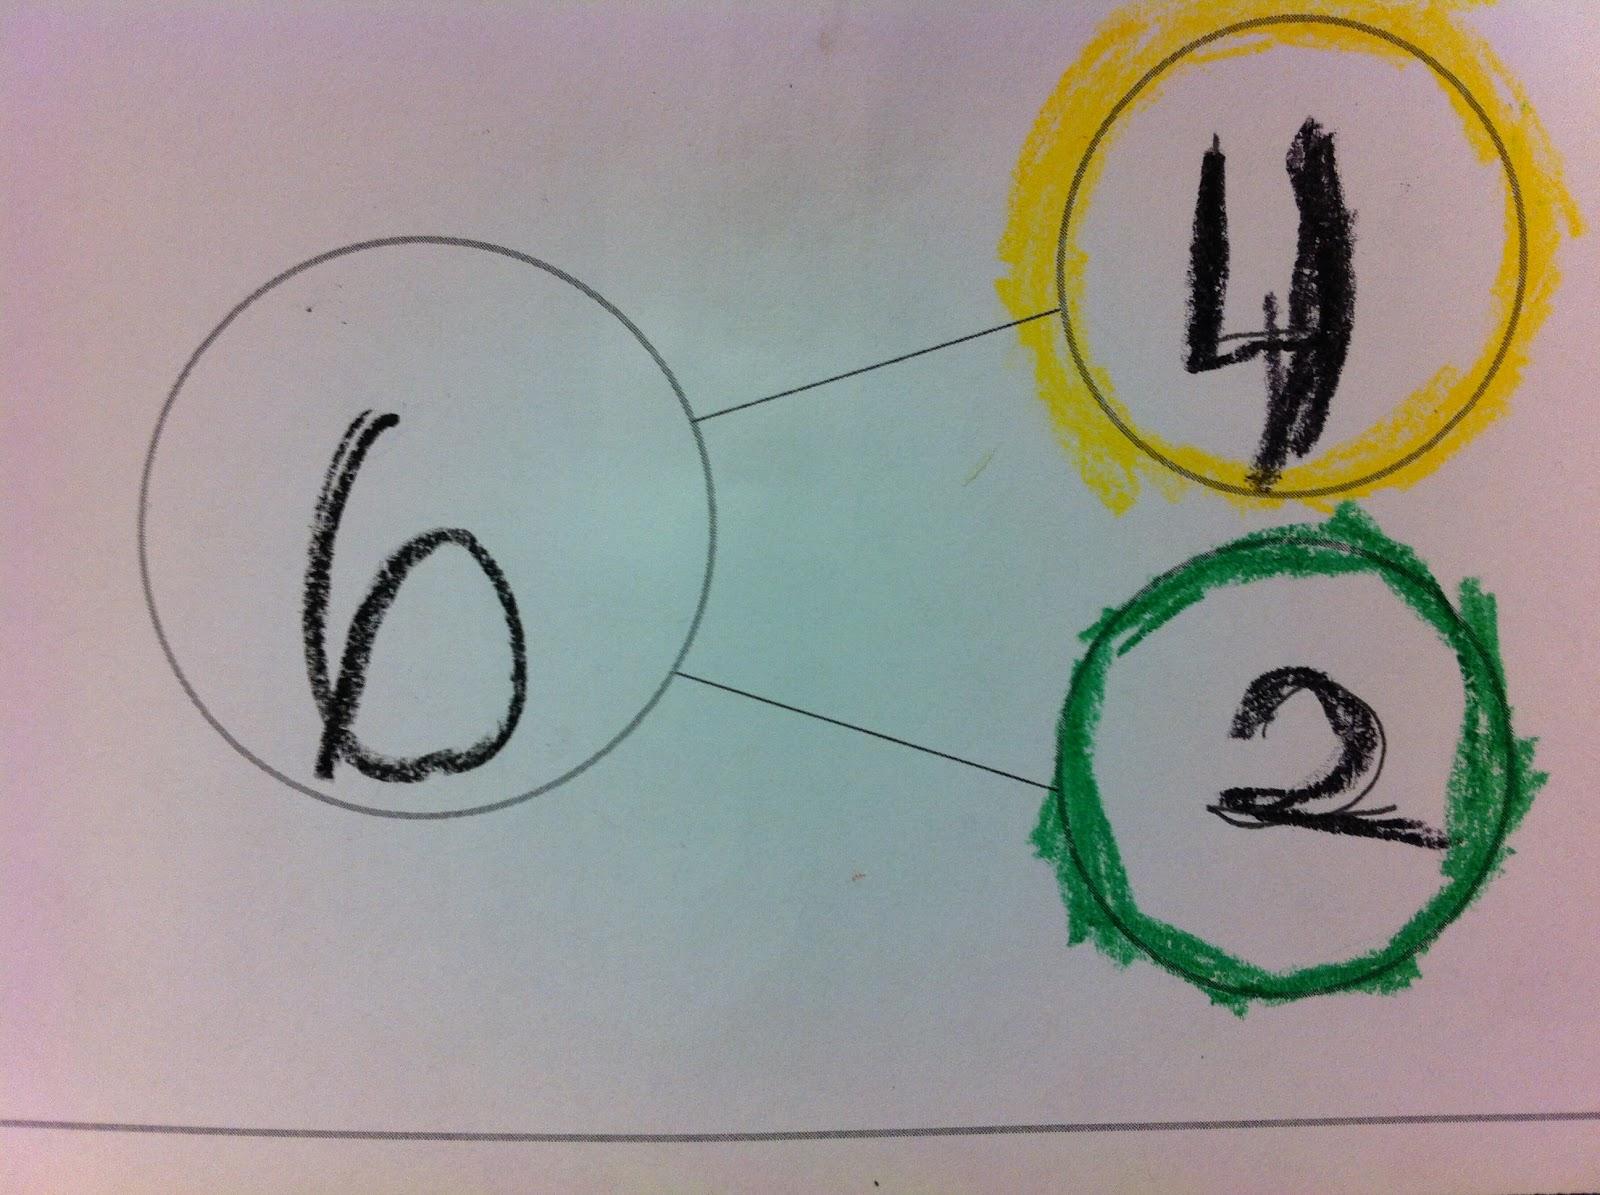 Kinder Doodles: November 2012